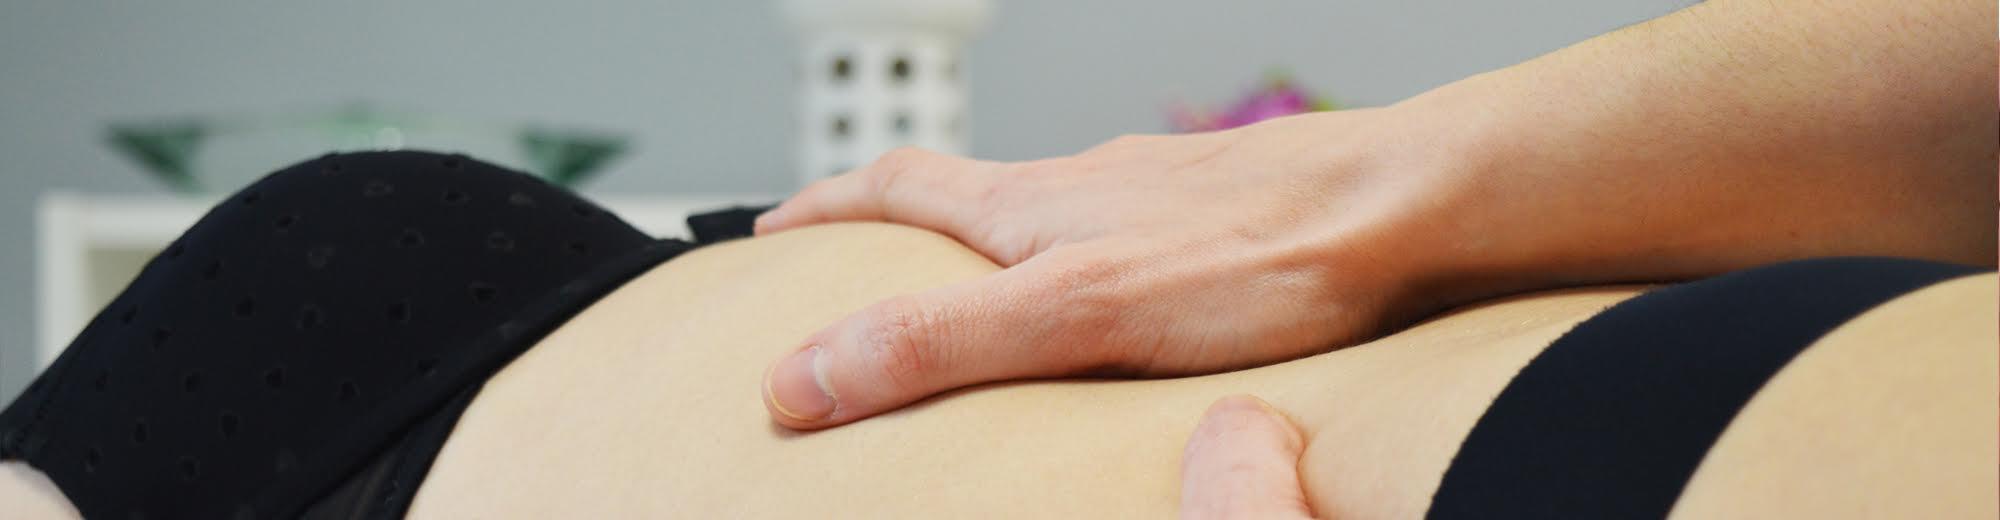 Sesiones de fisioterapia en Sevilla